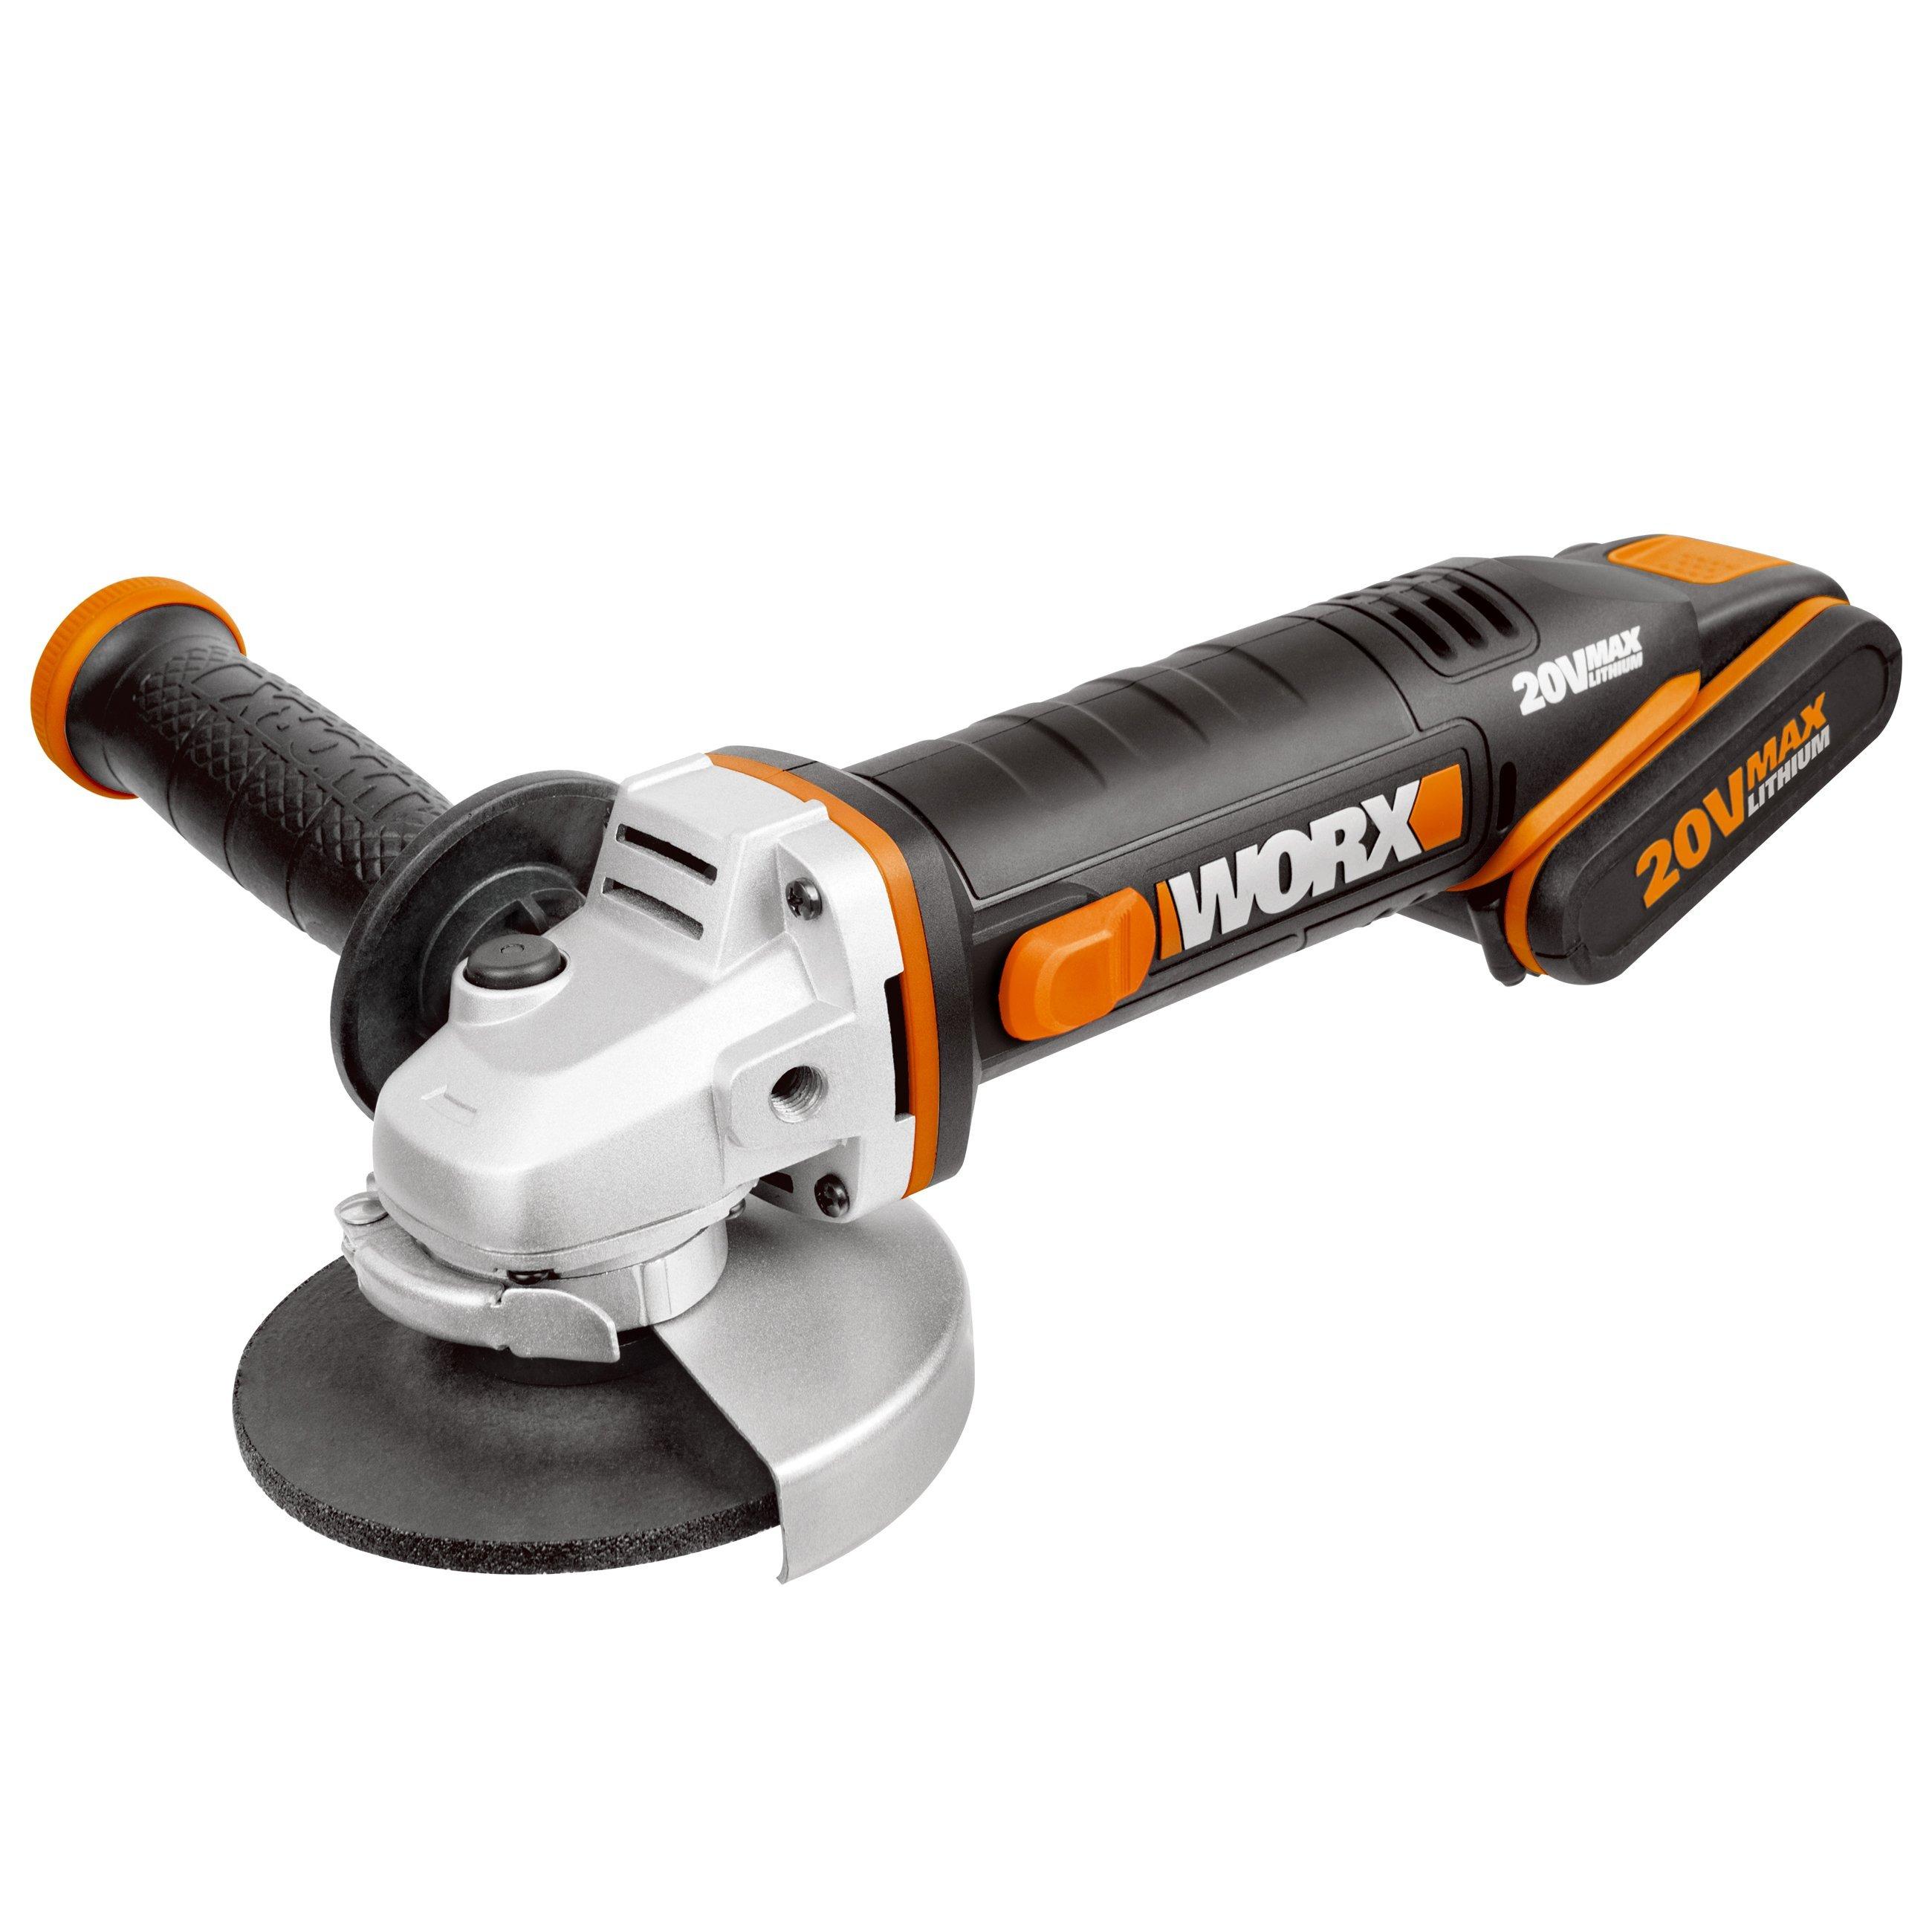 worx-wx800-μπαταρία-γωνία μύλος-flex